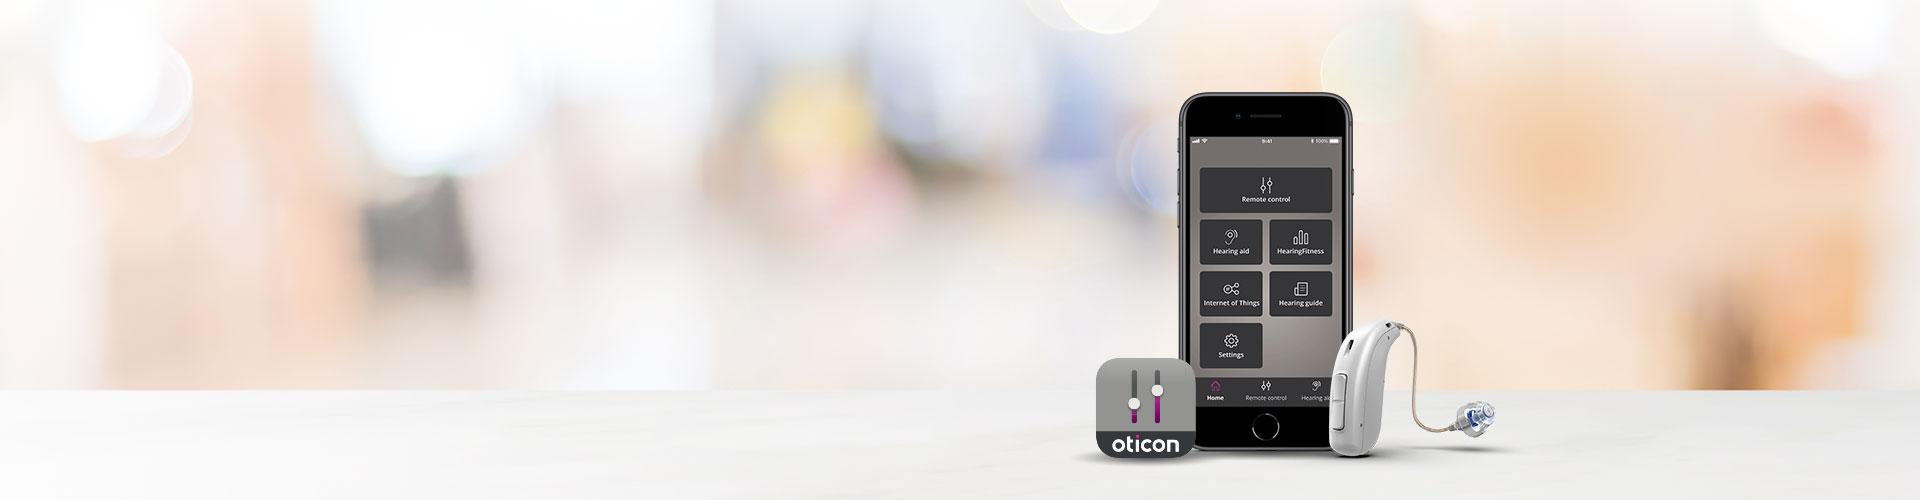 oticon-on-app-2020-banner-1920x500-v2